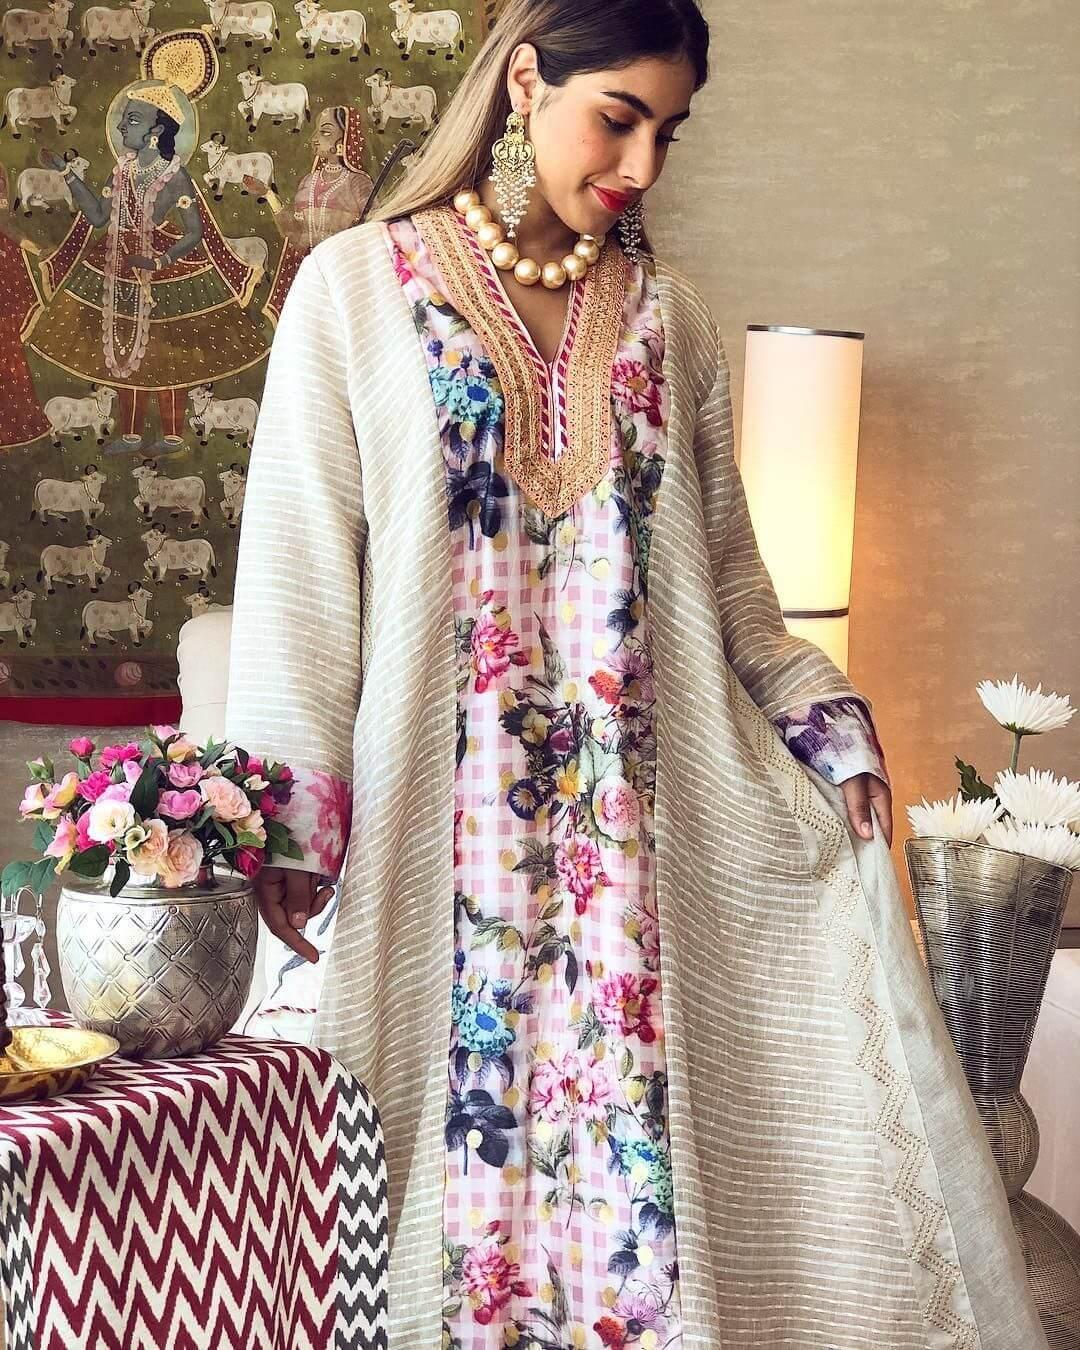 هل ترغبين في الإطلاع على جديد الموضة لشهر رمضان المبارك؟